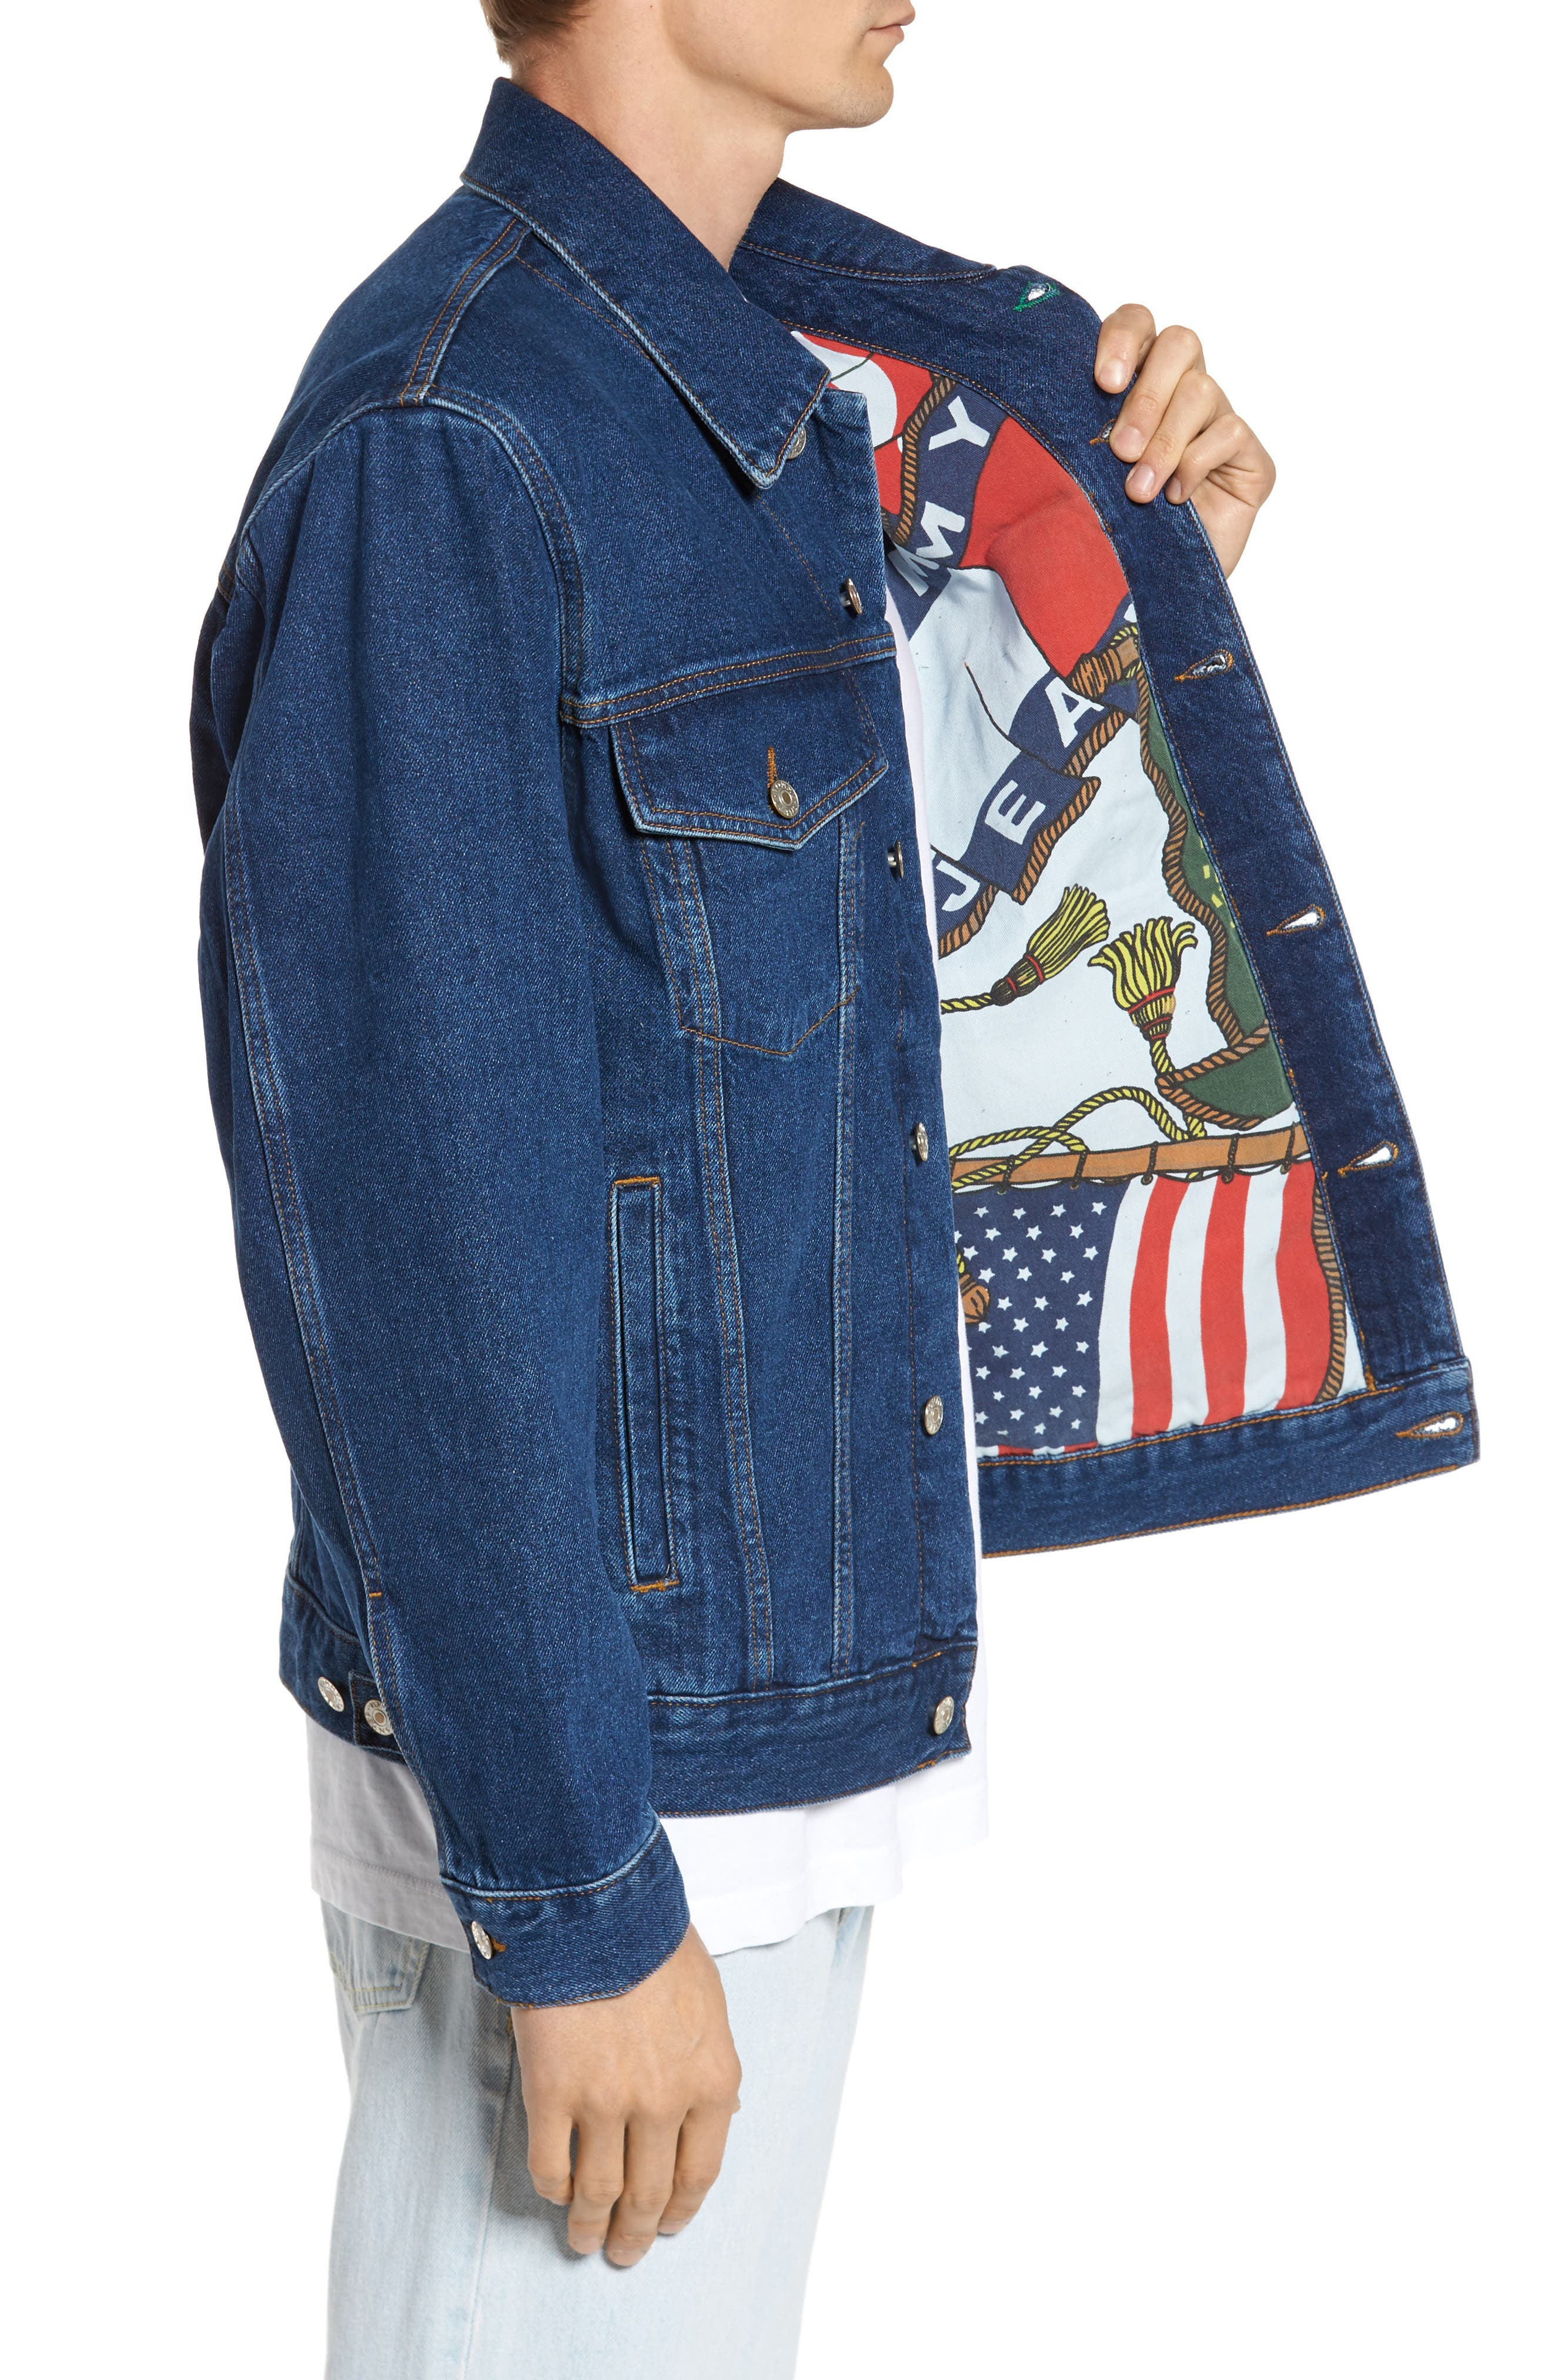 TOMMY HILFIGER,                             90s Denim Jacket,                             Alternate thumbnail 3, color,                             411